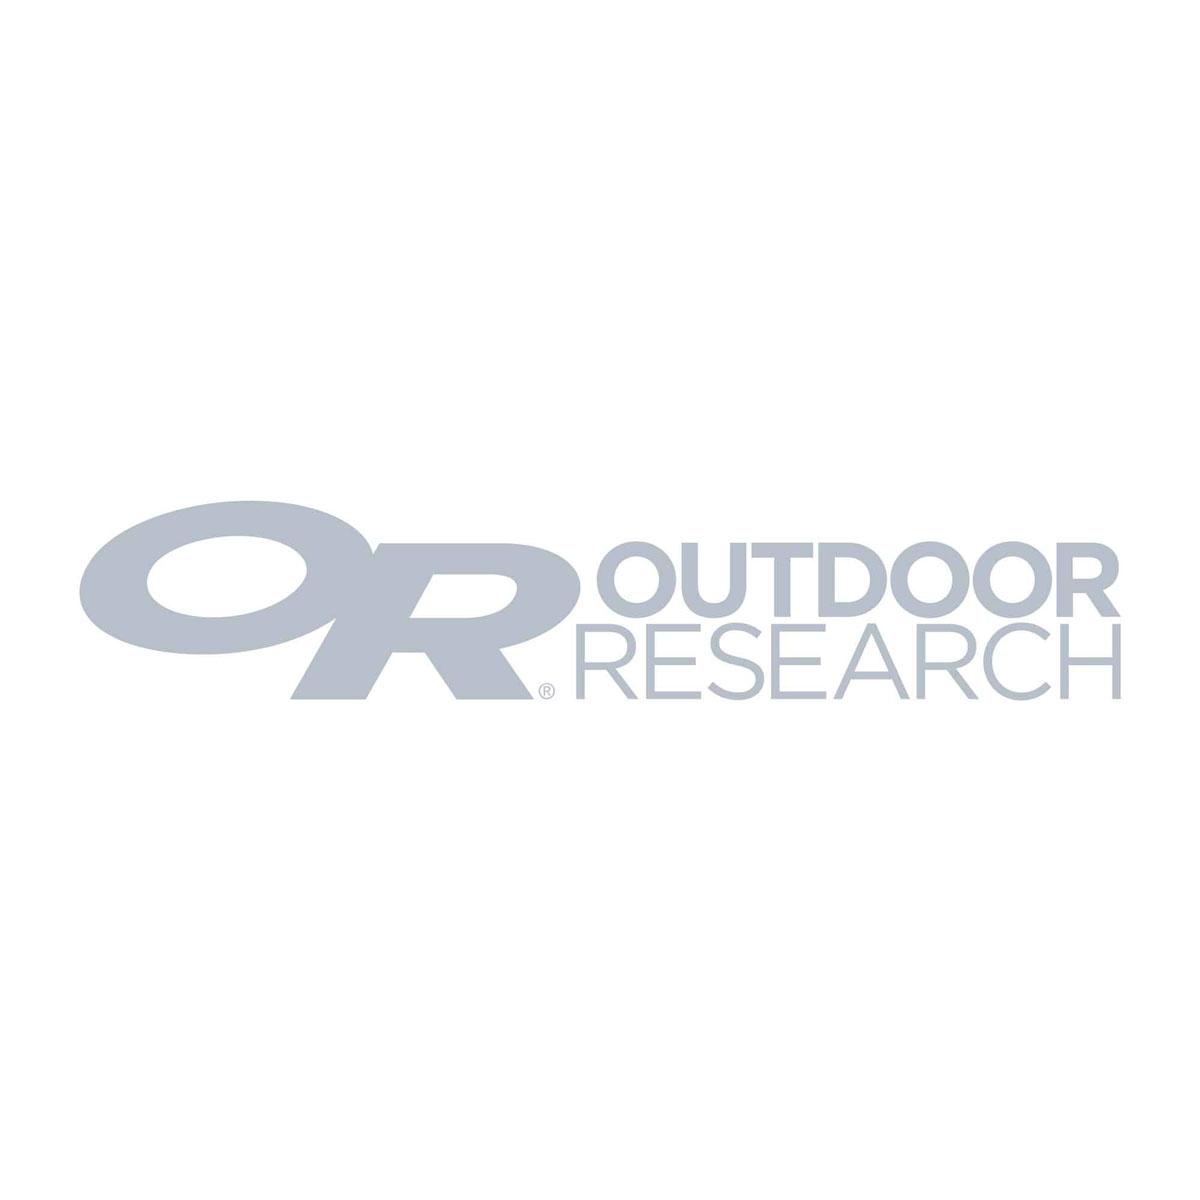 Infiltrator Jacket (Multicam) - USA